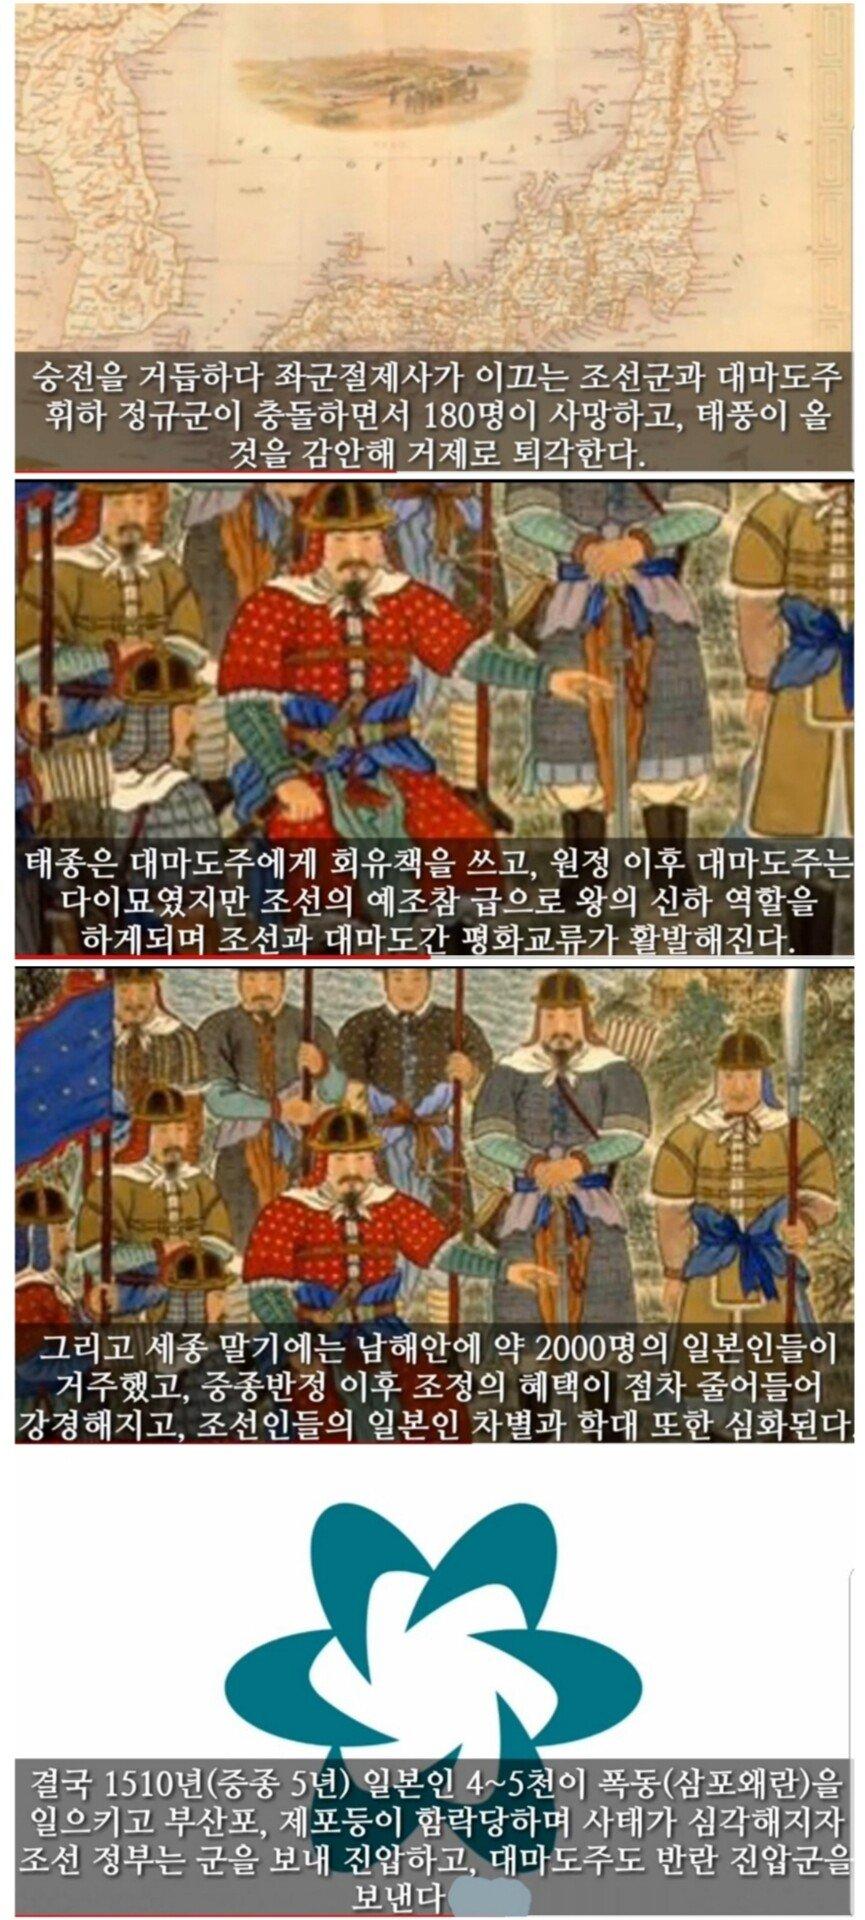 20200529_172909.jpg 쓰시마가 한민족 국가의 영토였던 적은 없다.jpg